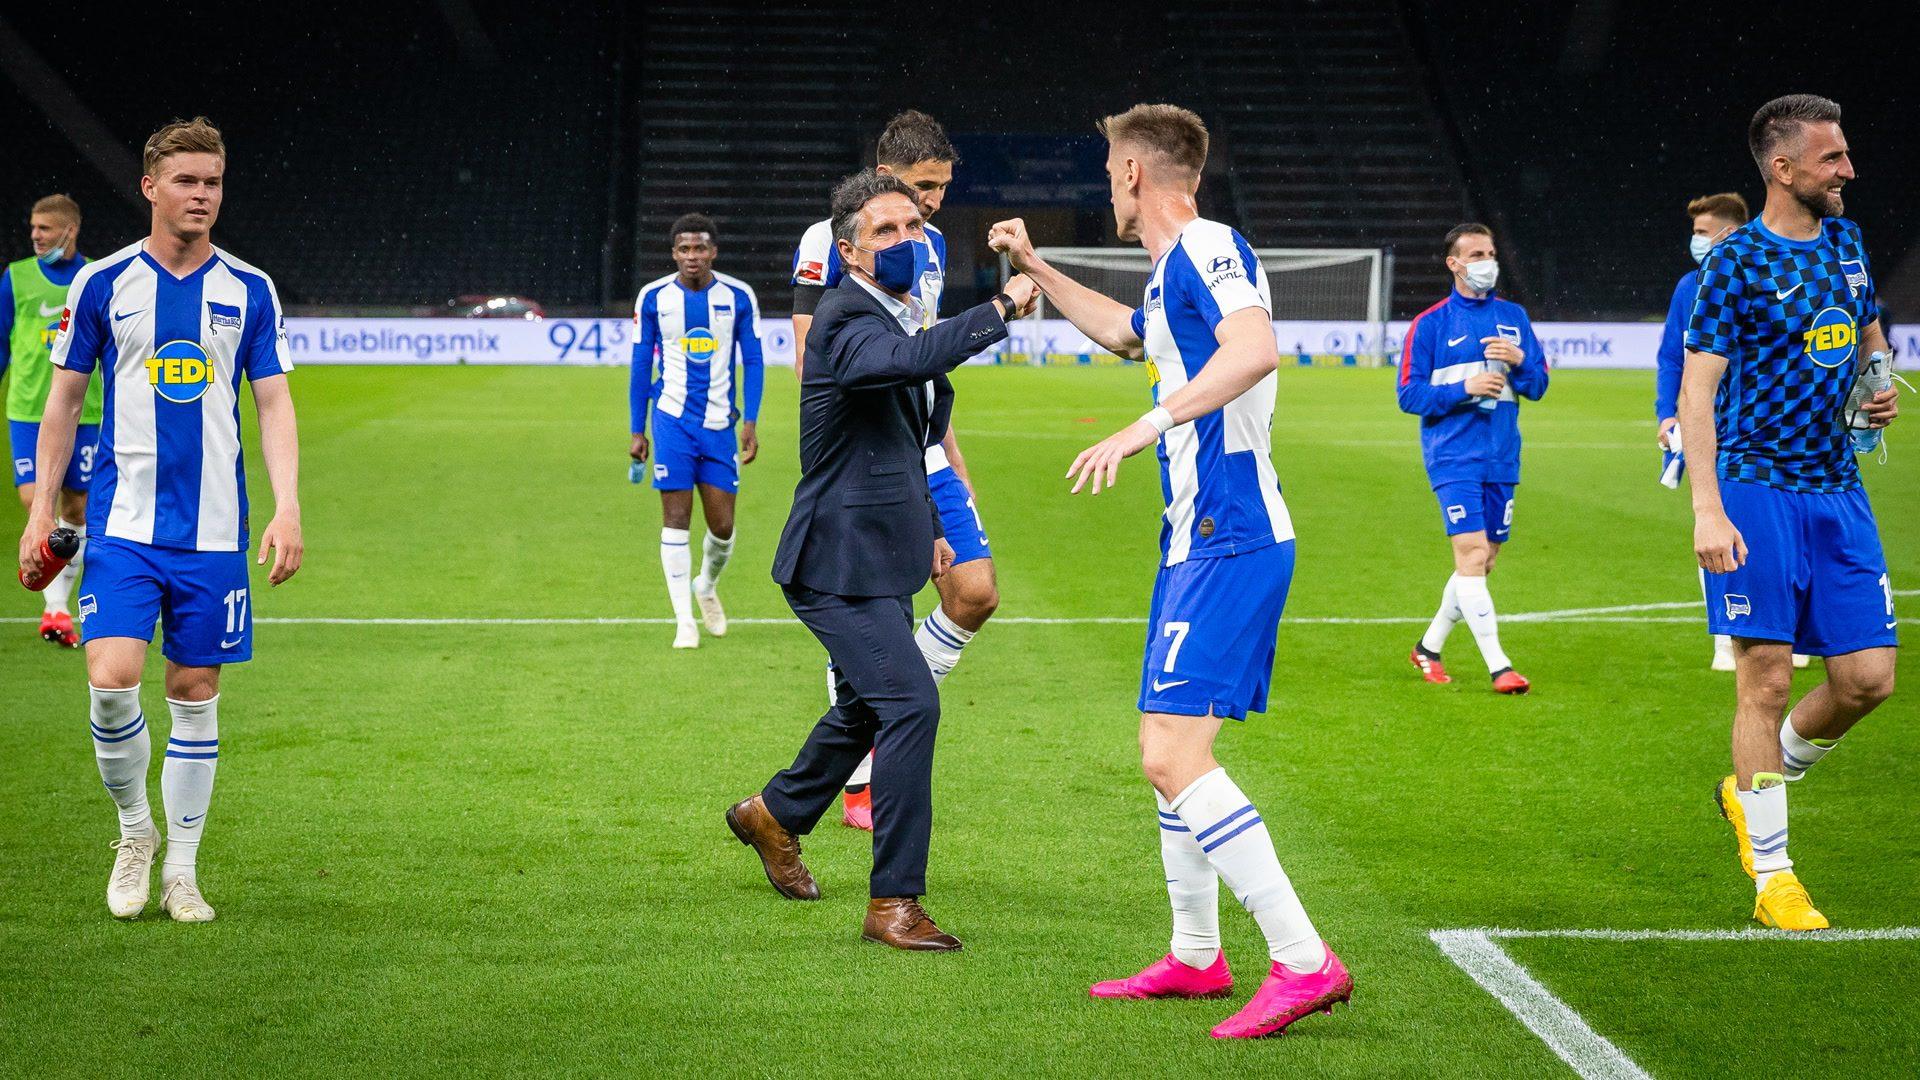 Ungeschlagen: Labbadias Traumstart bei Hertha BSC